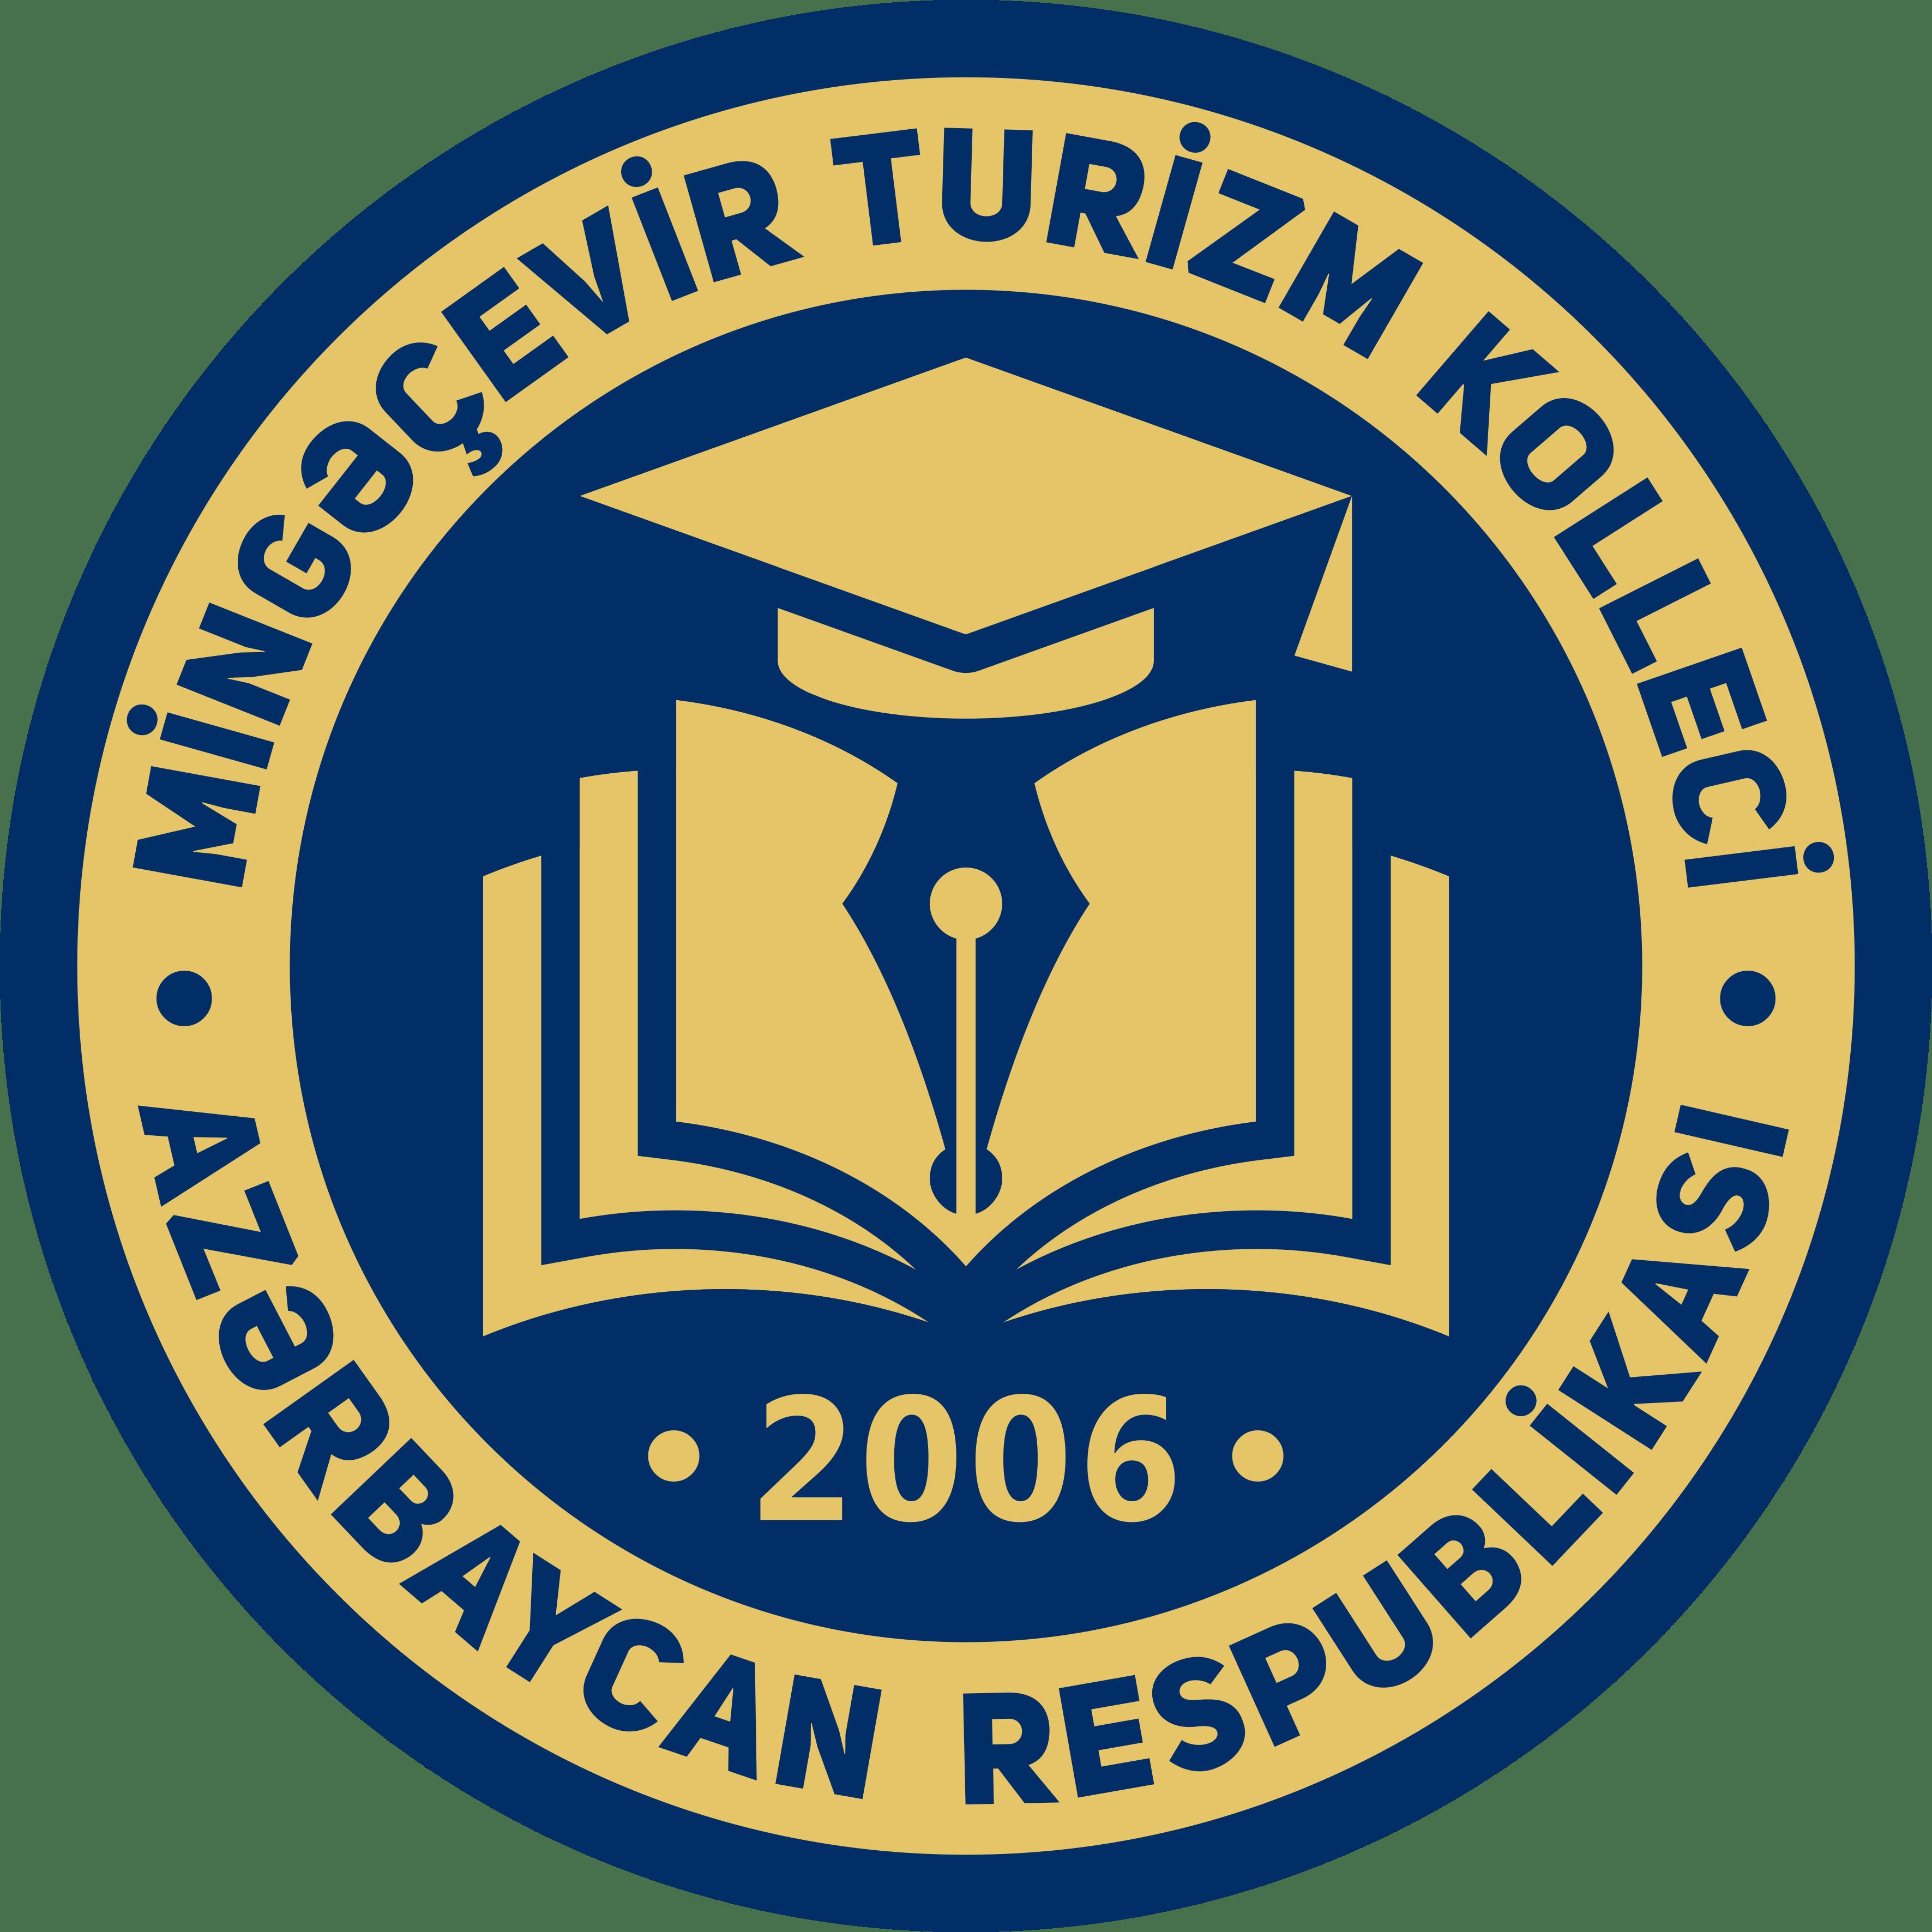 Mingəçevir Turizm Kolleci